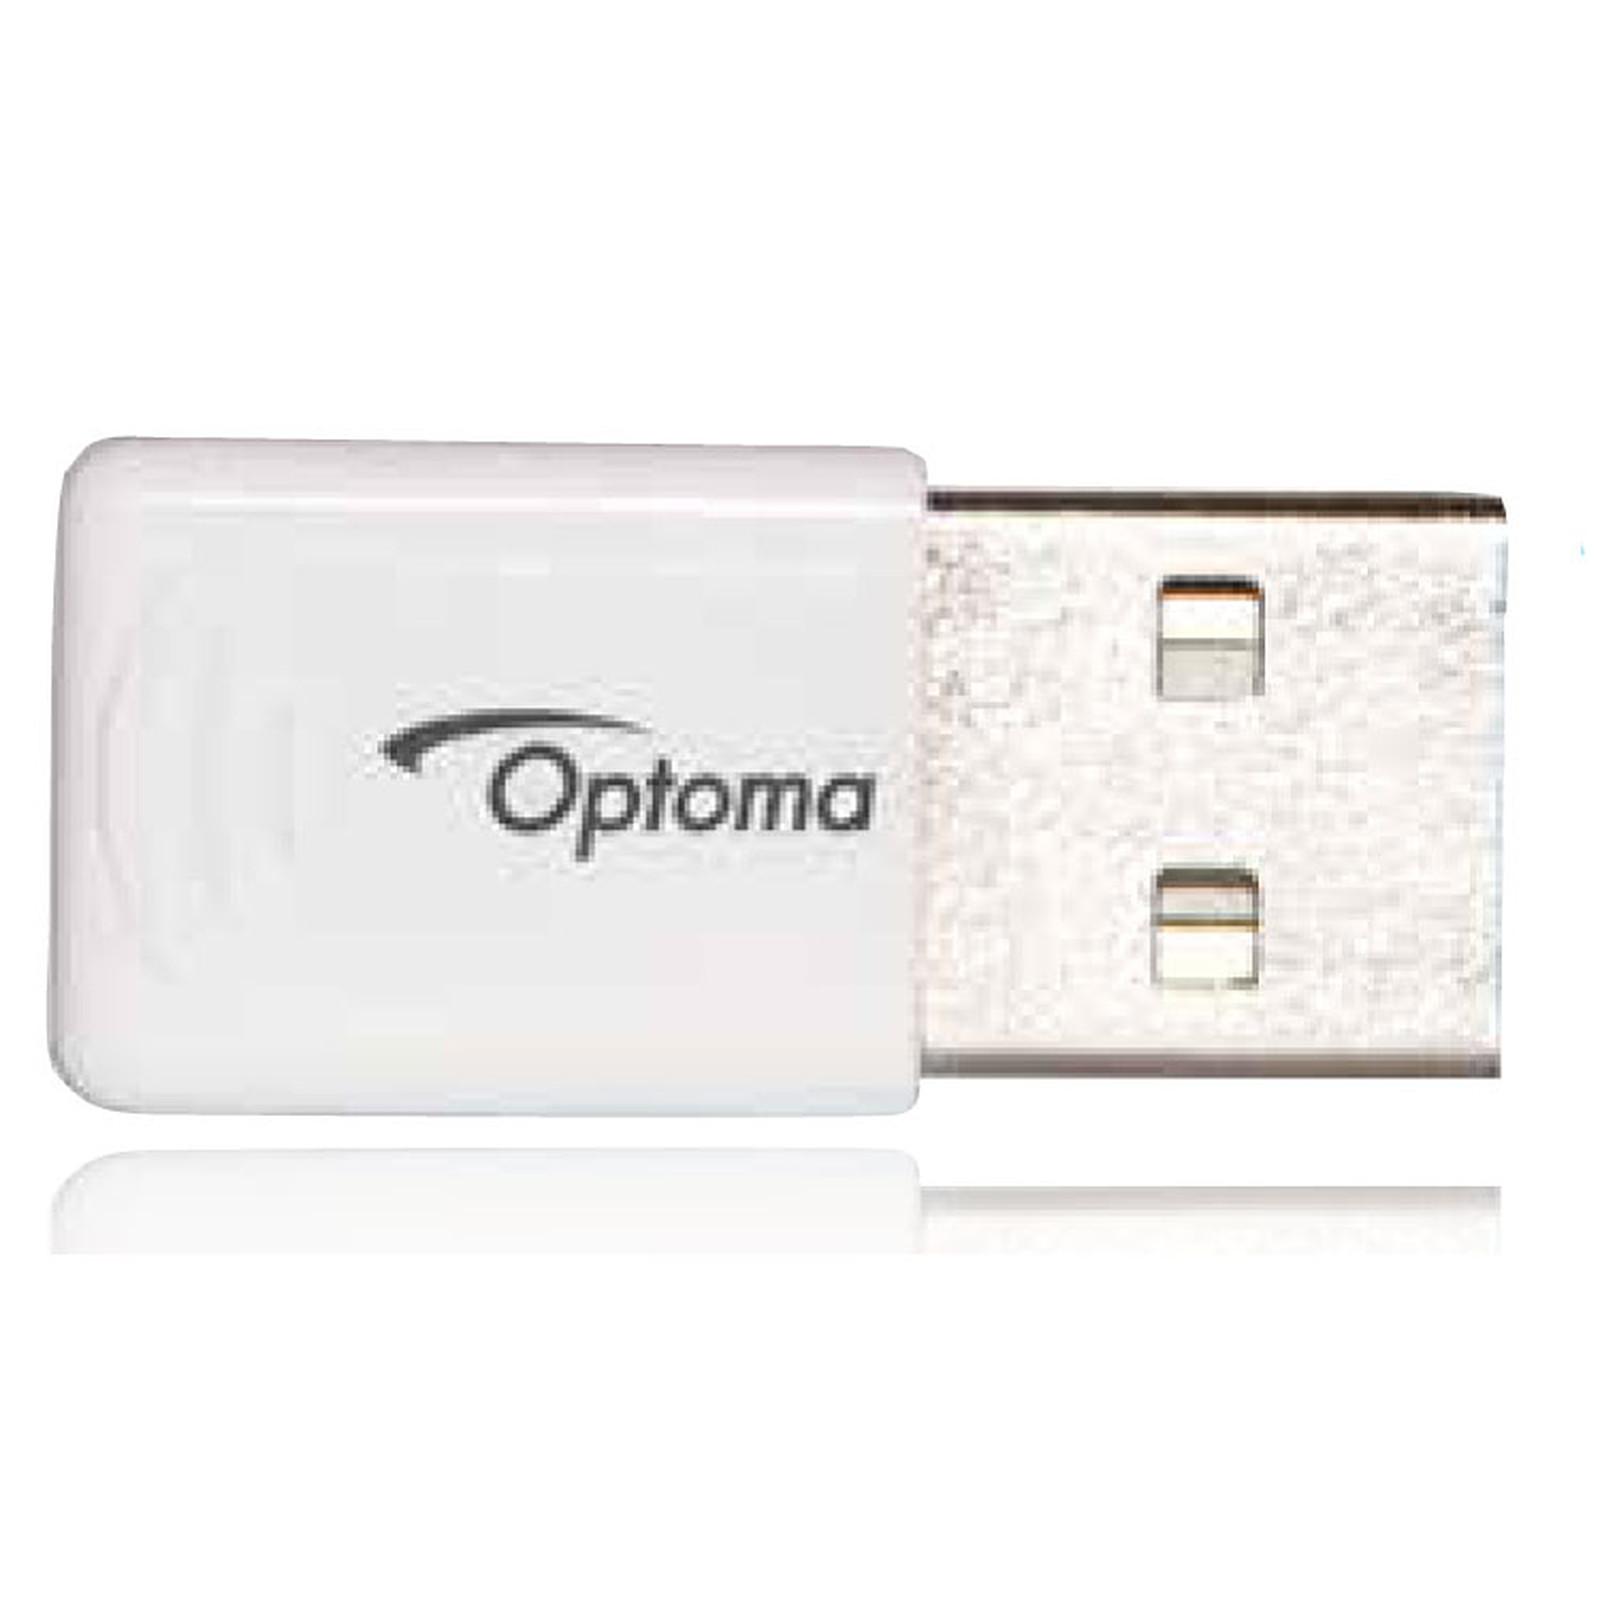 Optoma Mini Wifi Dongle